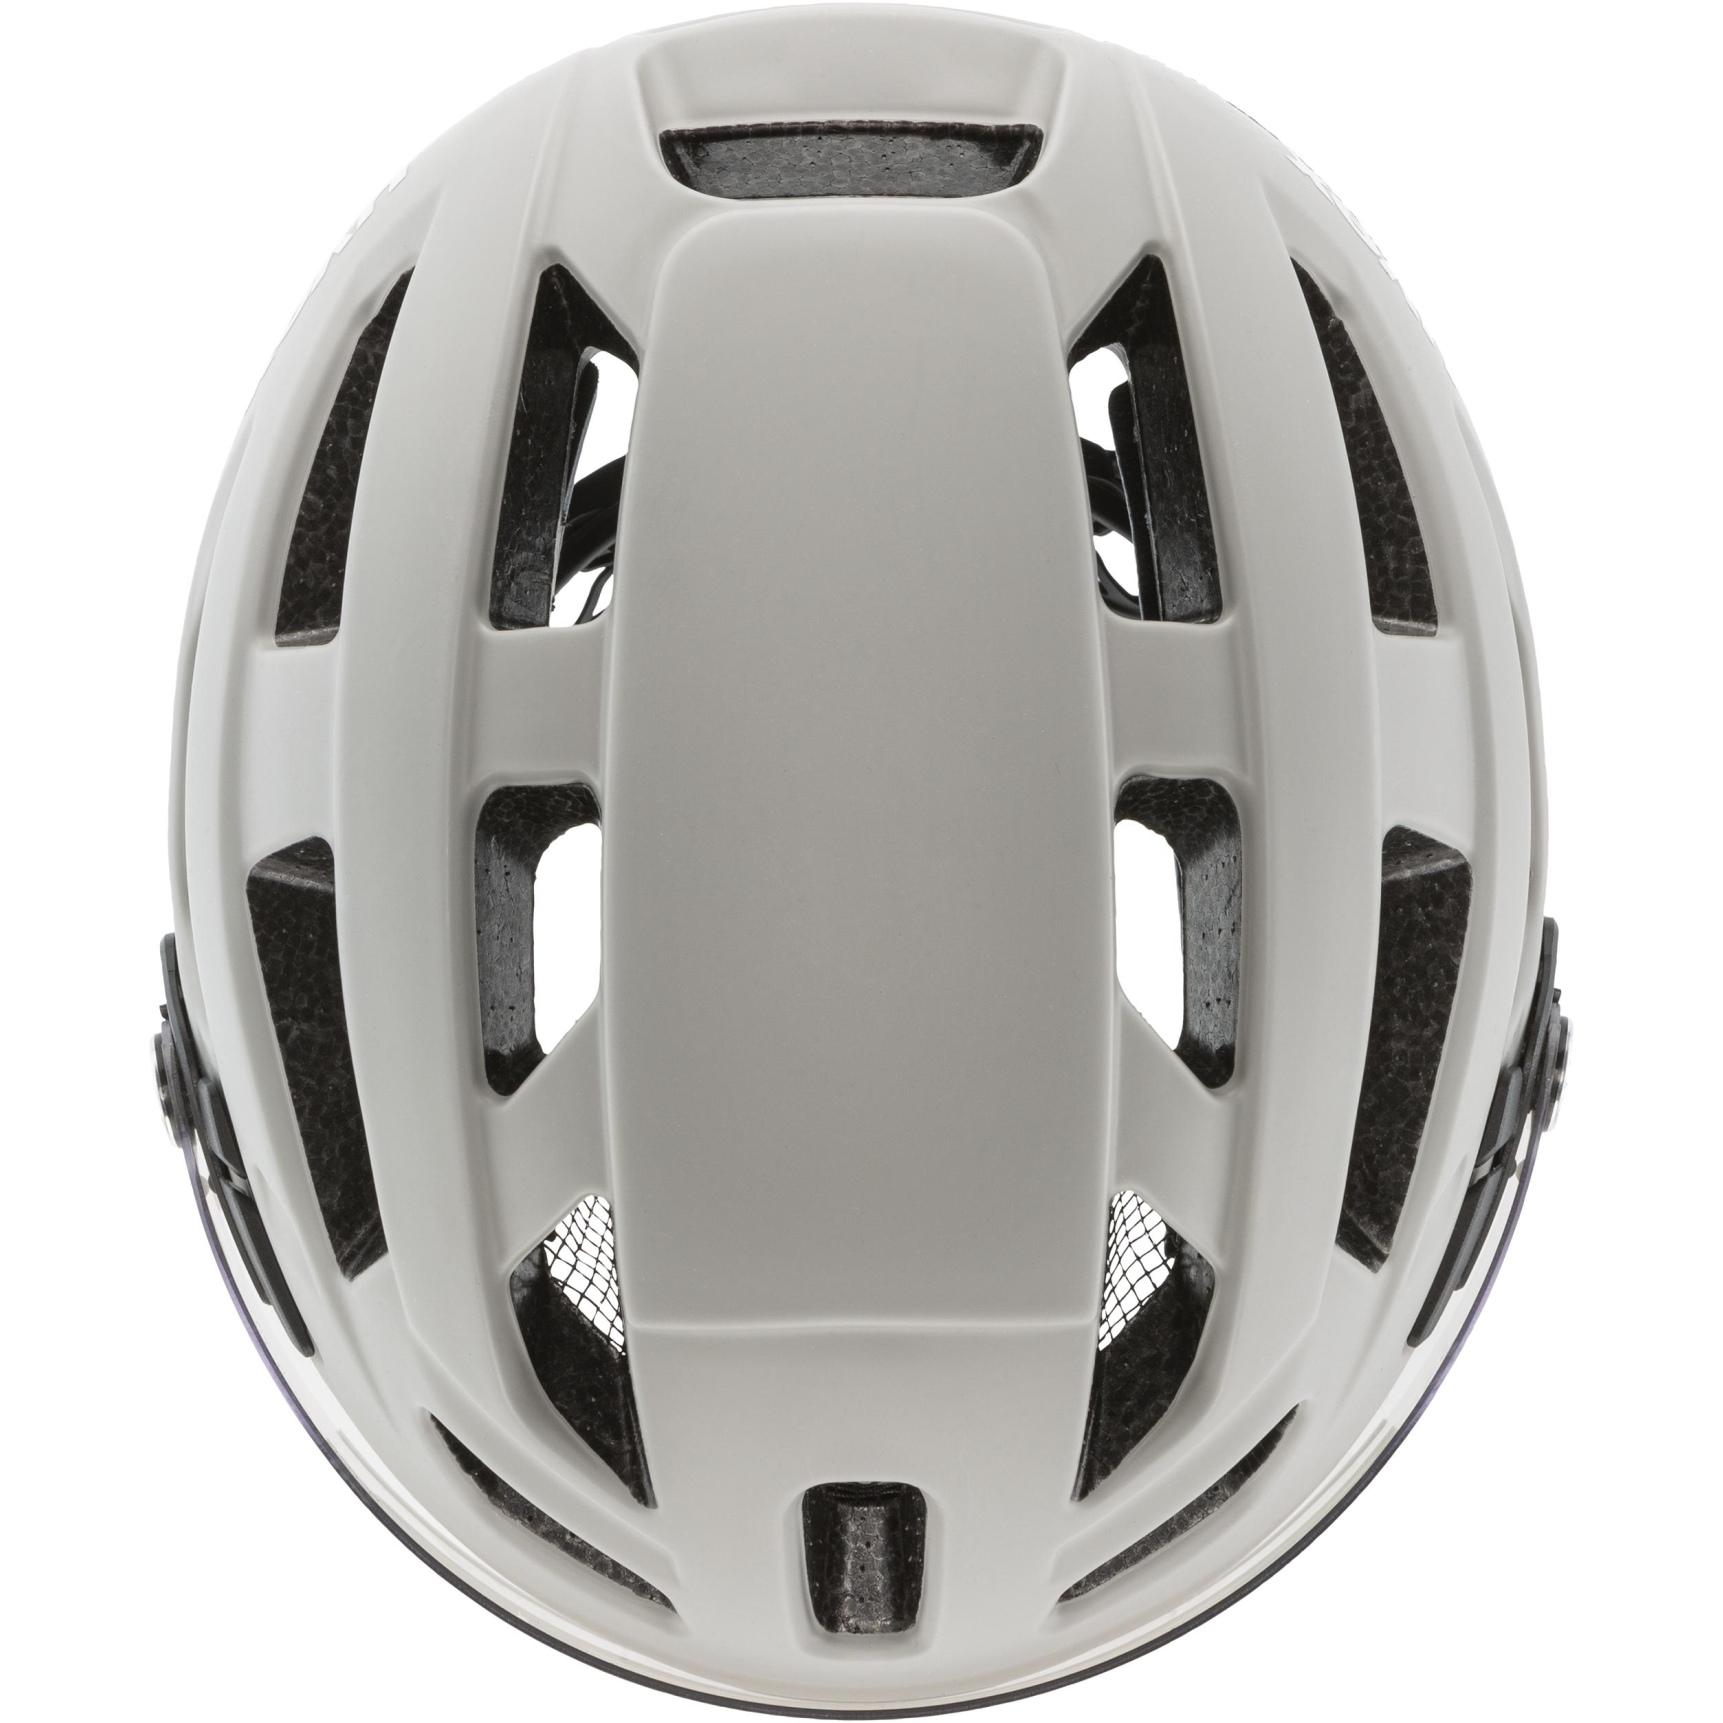 Image of Uvex finale visor Helmet - sand-white mat